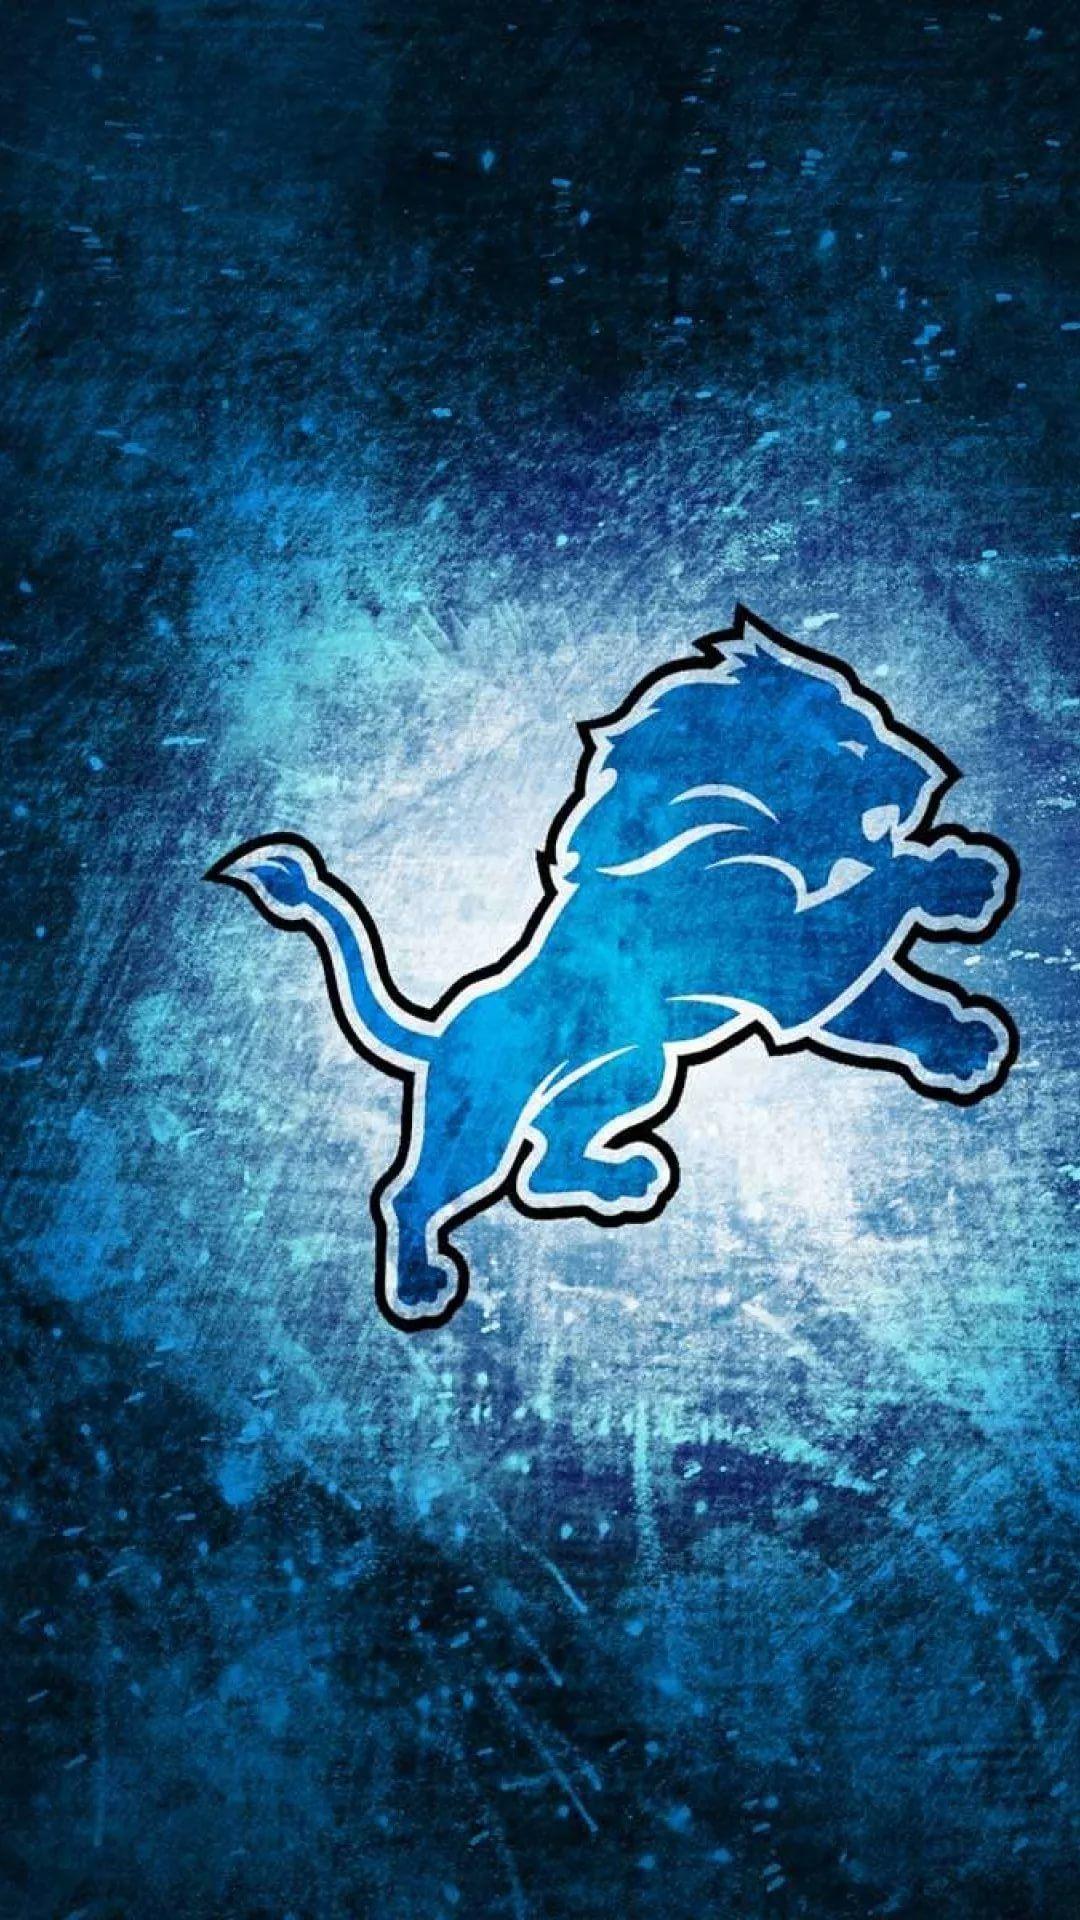 Detroit Lions phone wallpaper